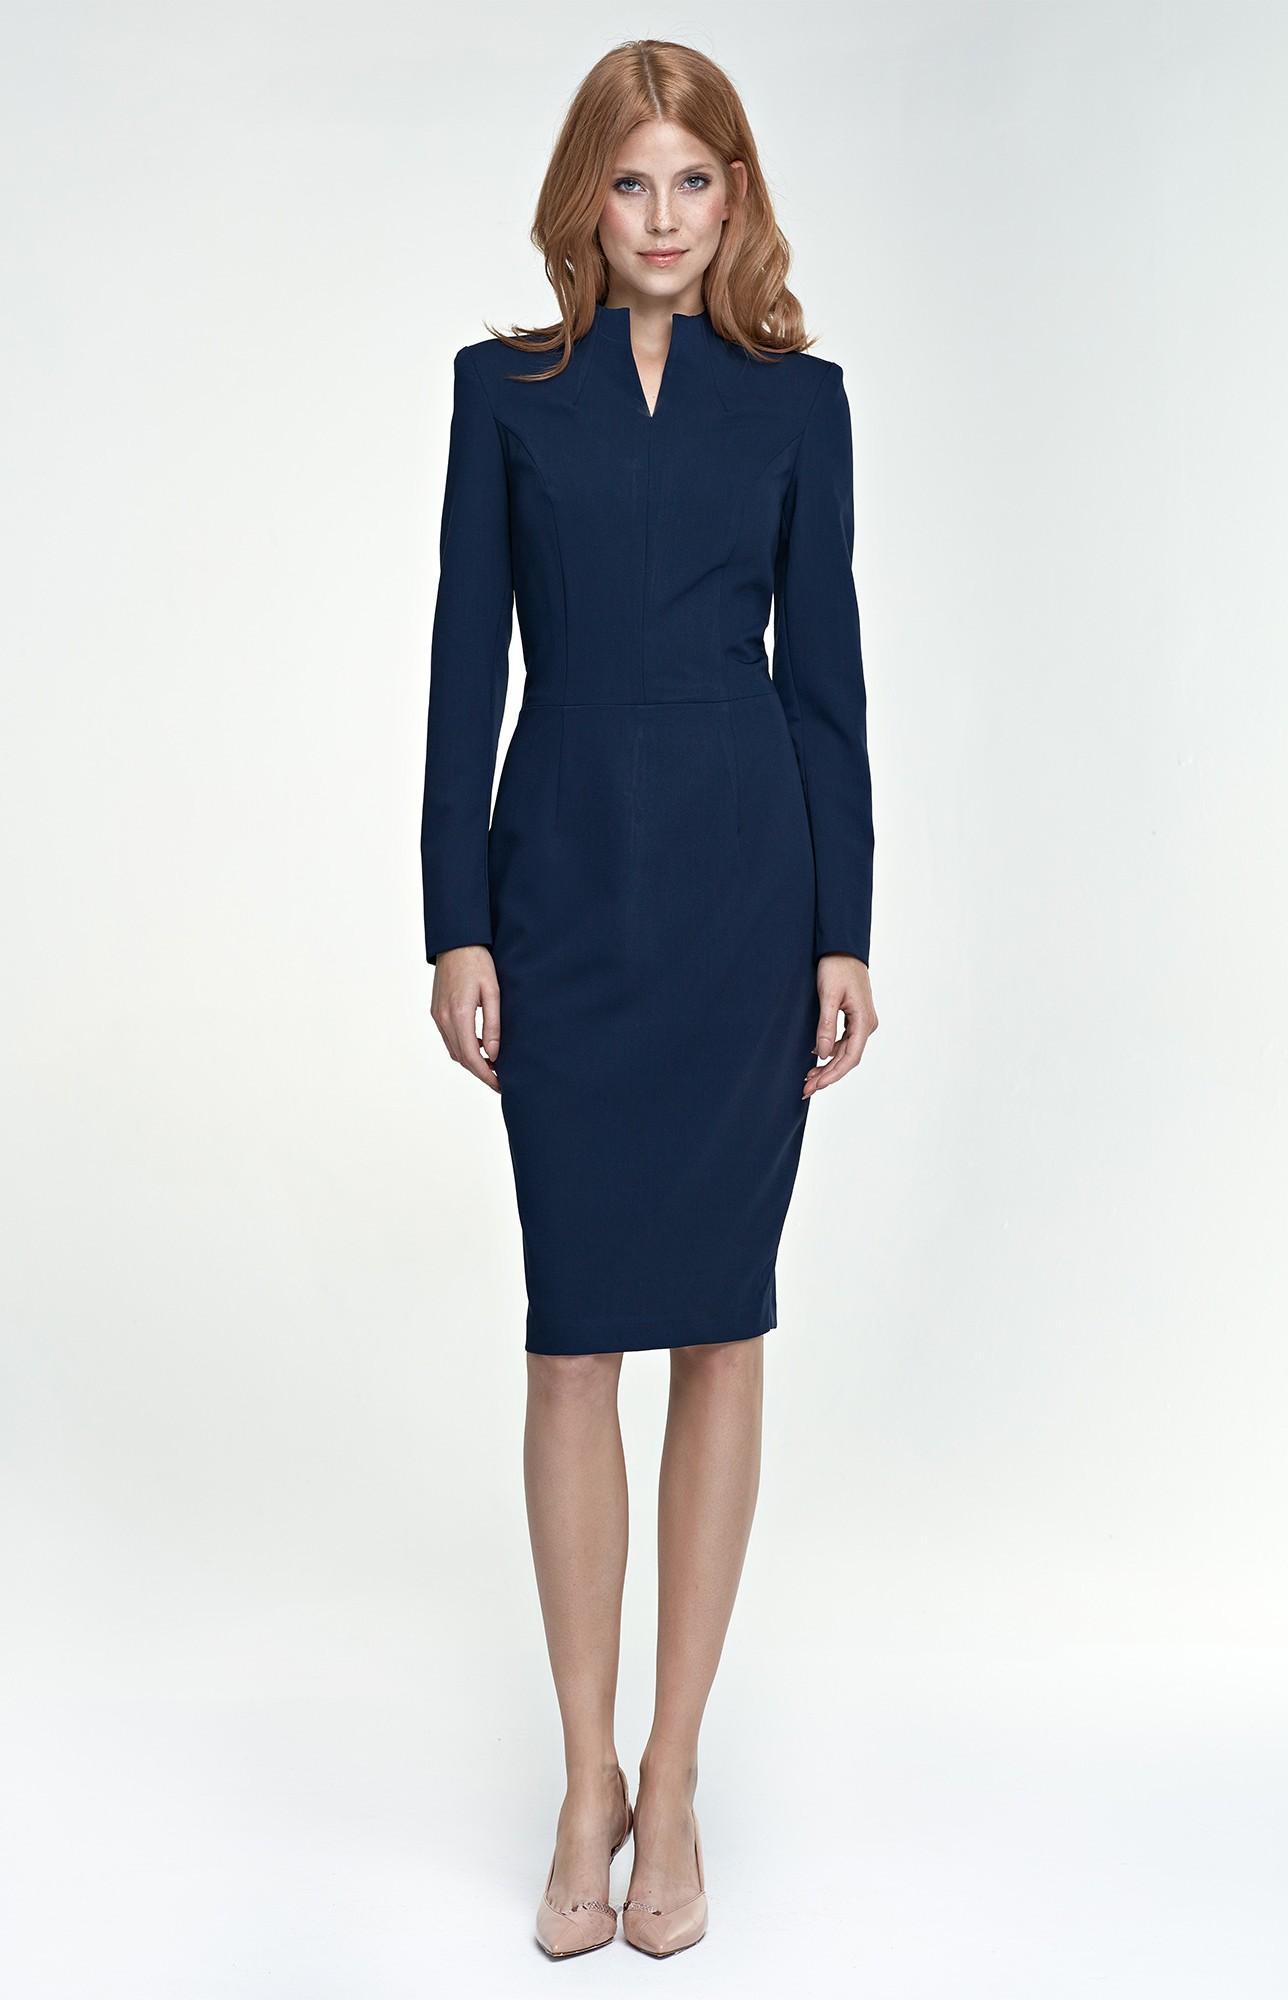 Robe tailleur bleu marine